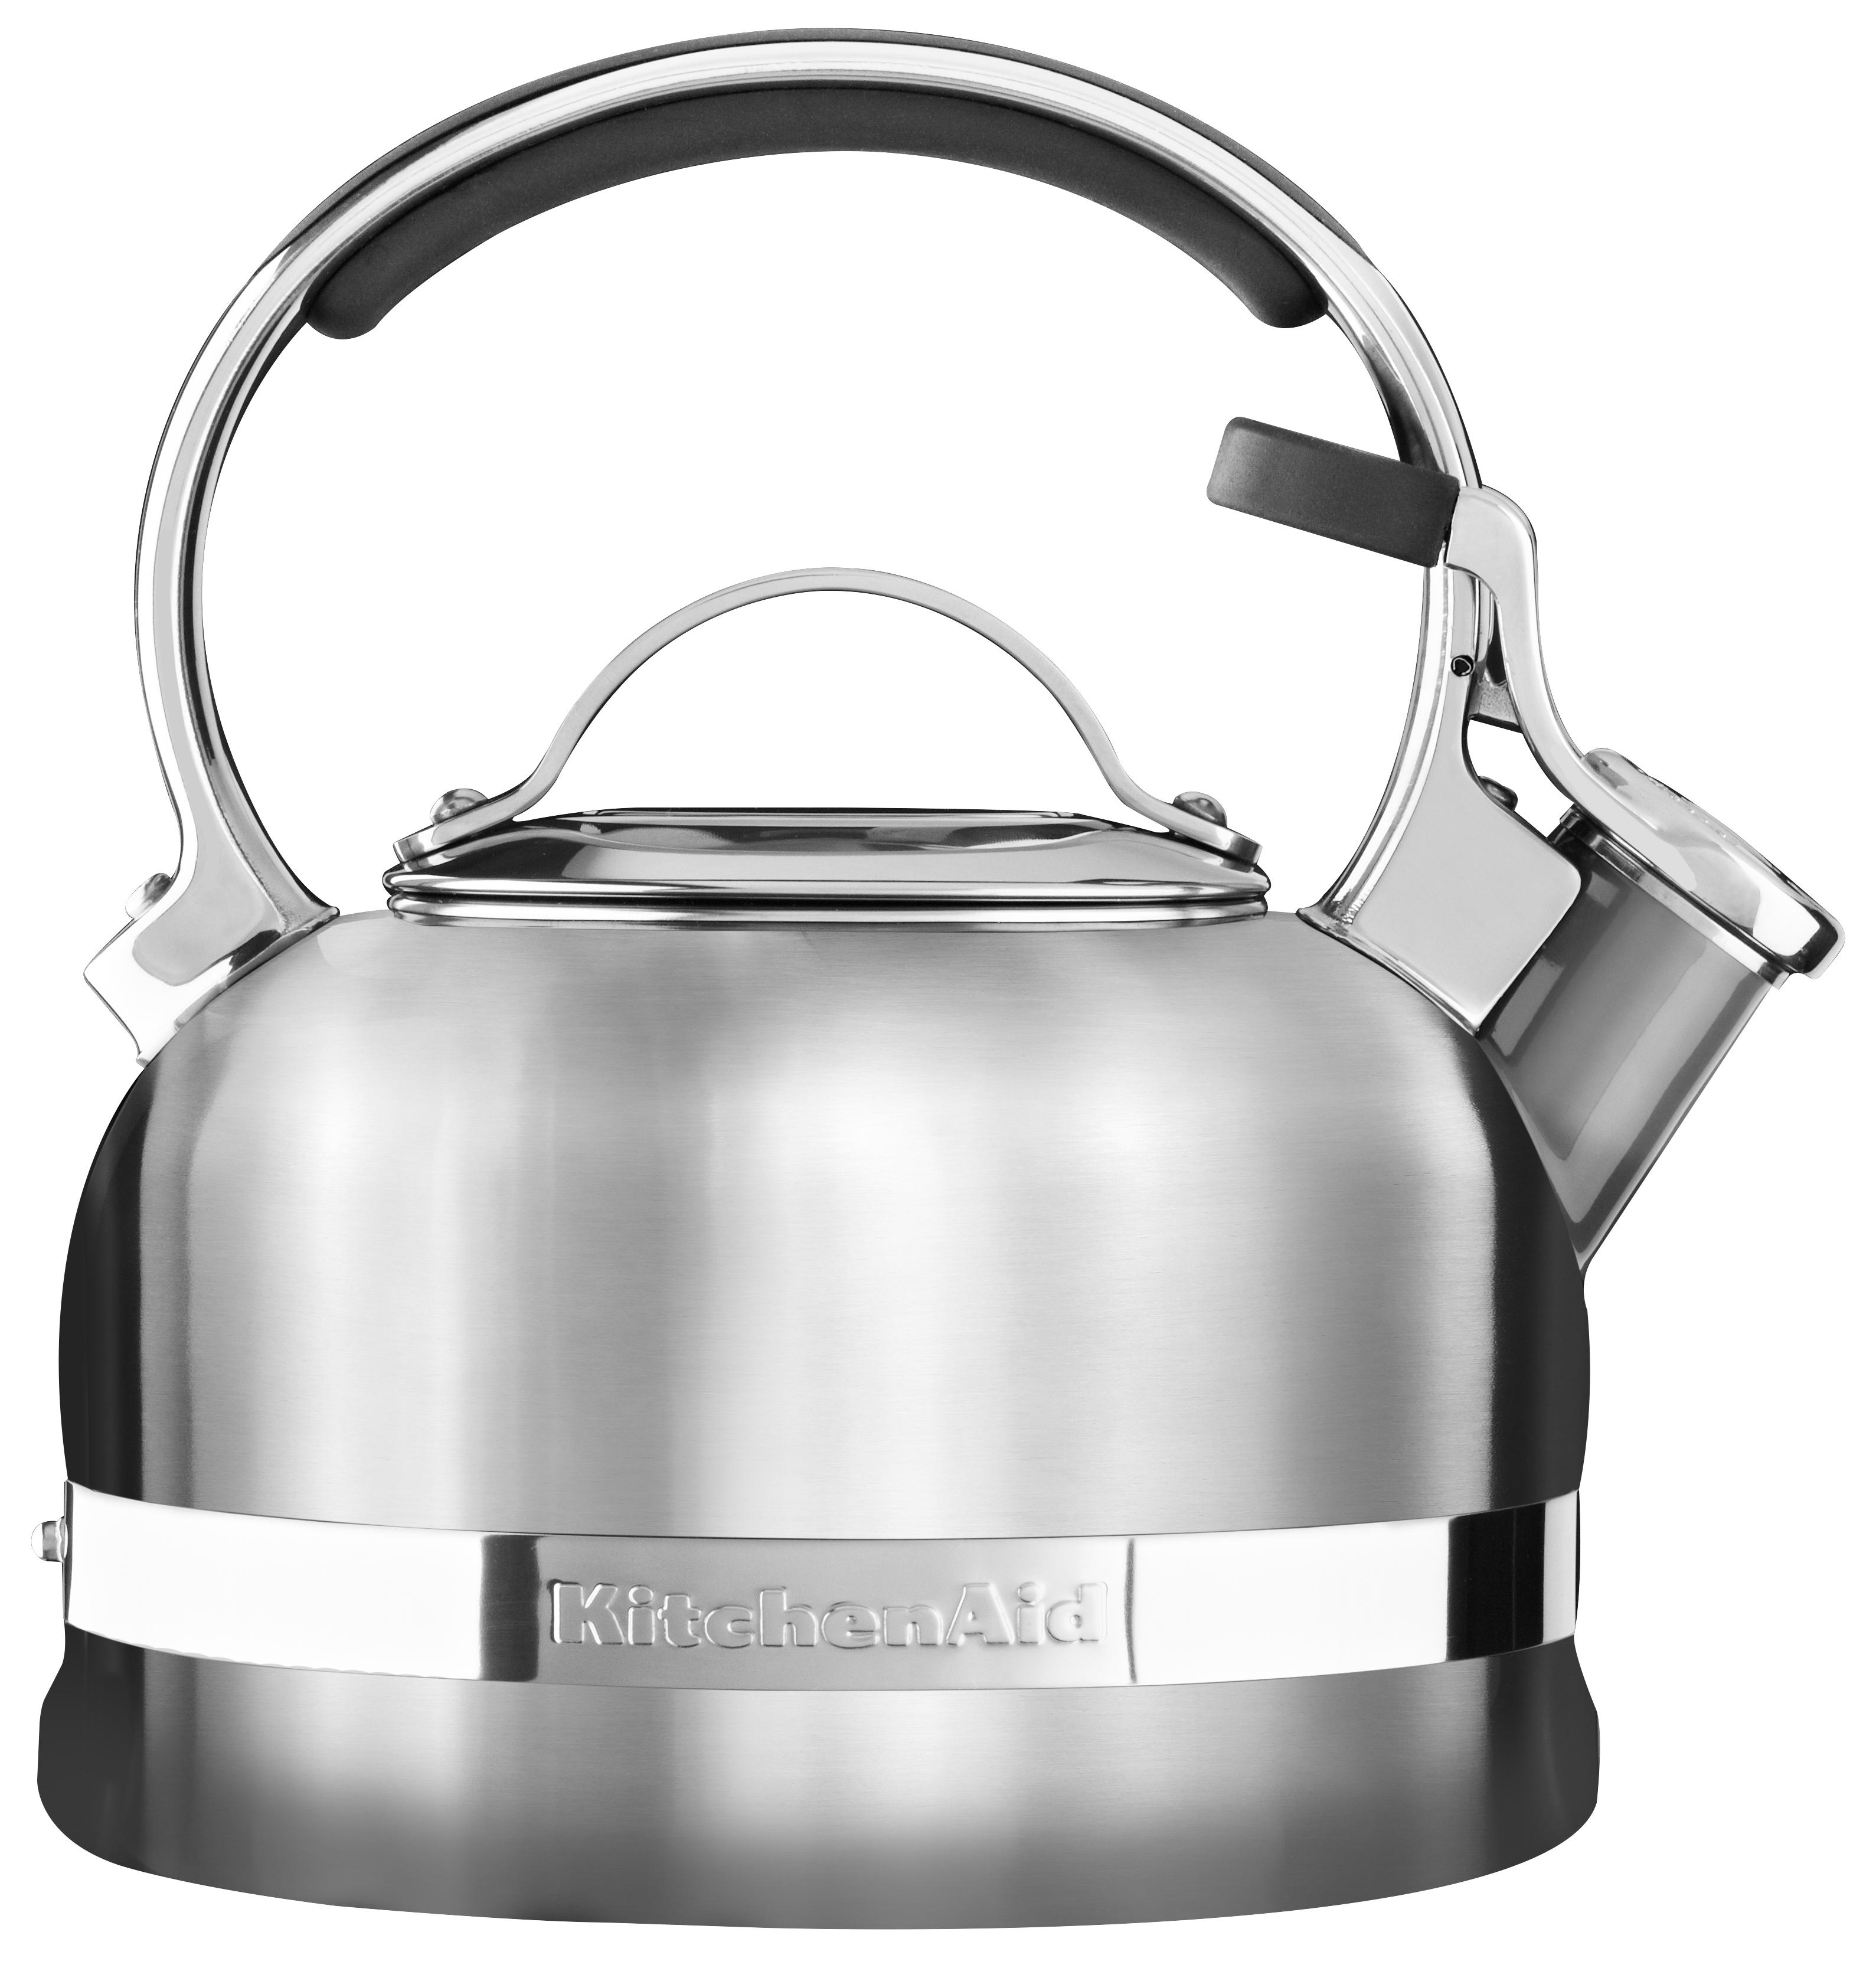 Storslått Kjøp KitchenAid Fløytekjele Stål 1,9 liter - Bakerenogkokken.no RJ-31